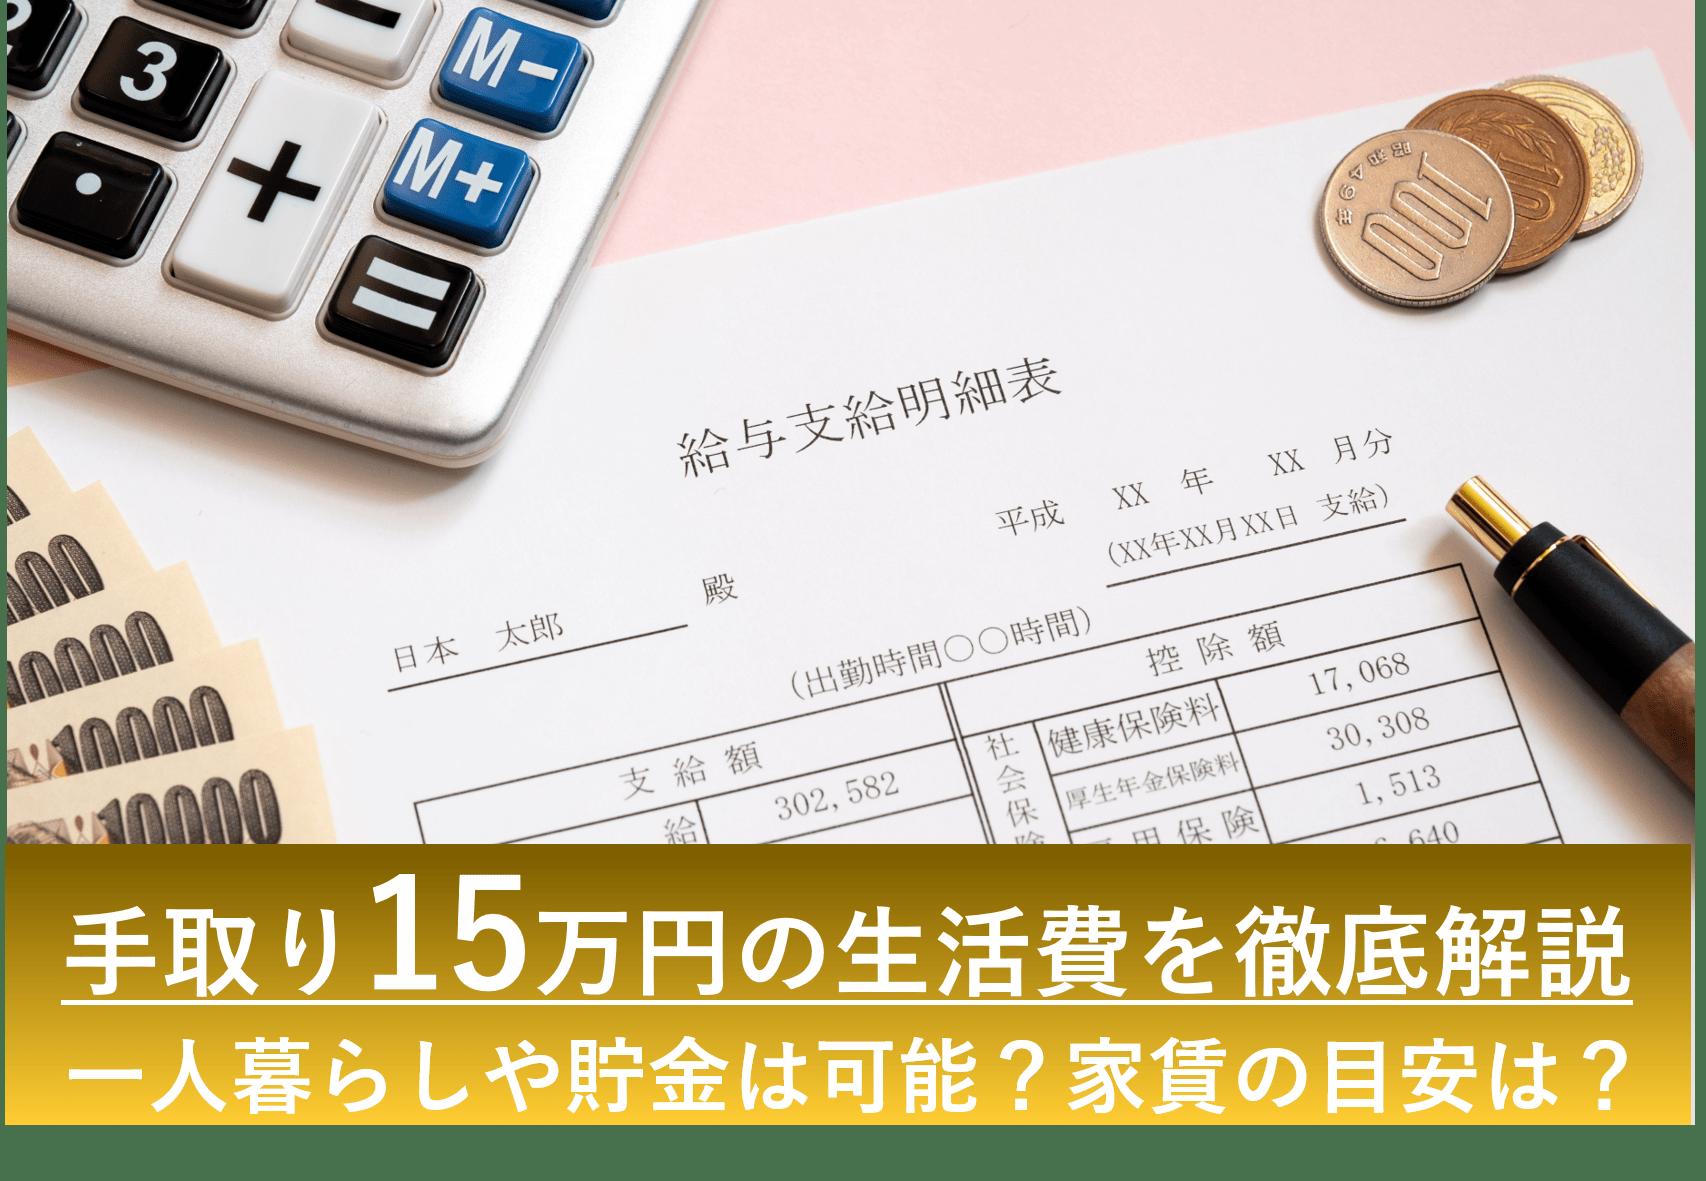 月給手取り15万円の生活費を徹底解説 一人暮らしや貯金は可能 家賃の目安は